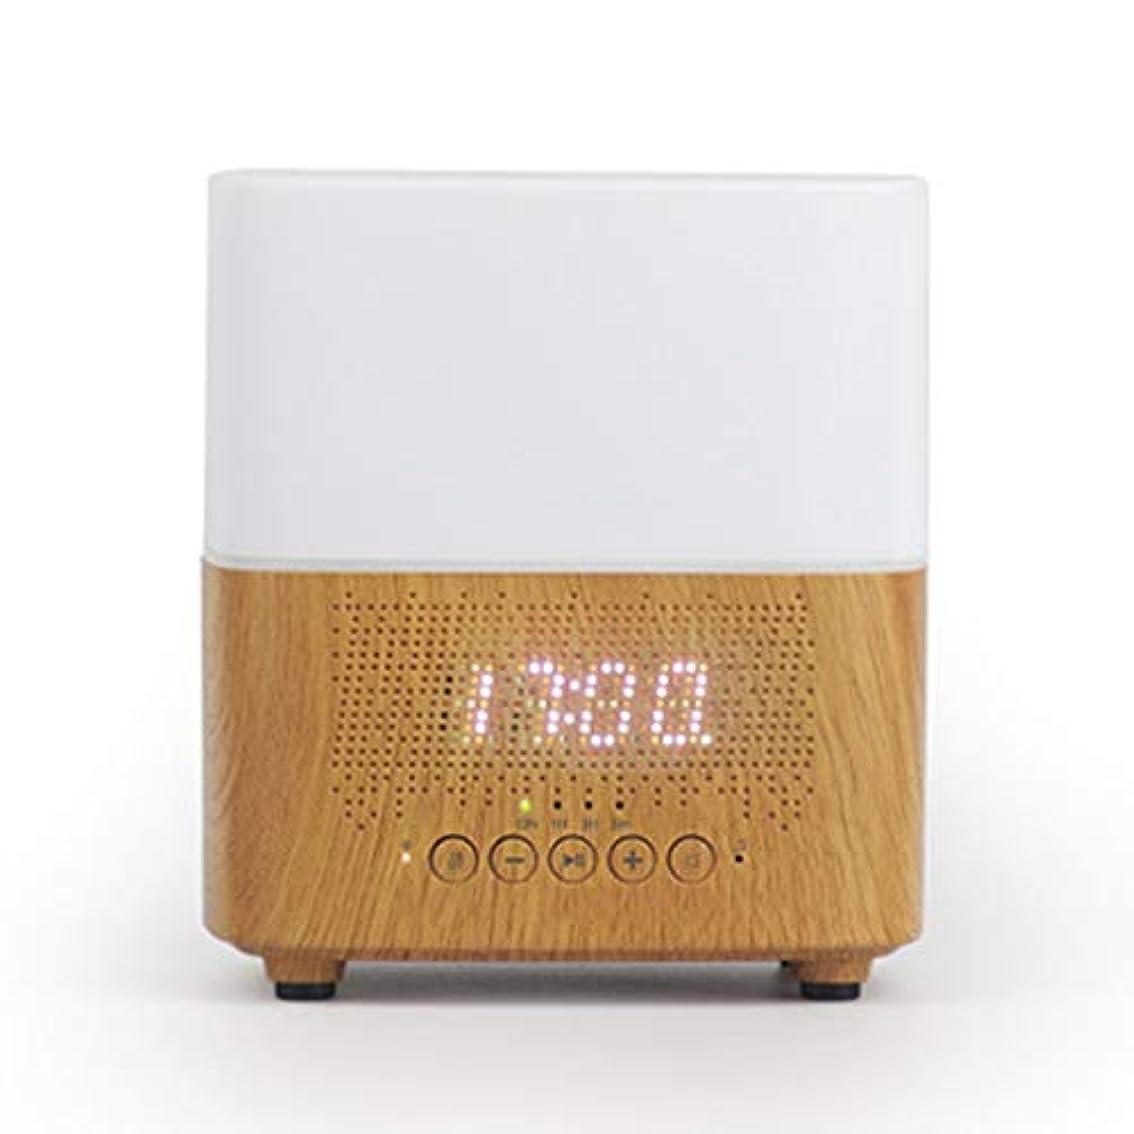 考古学的なサスペンド聴覚ブルートゥースのスピーカー機械LED時計の目覚まし時計の夜ライト加湿器 (Color : White)